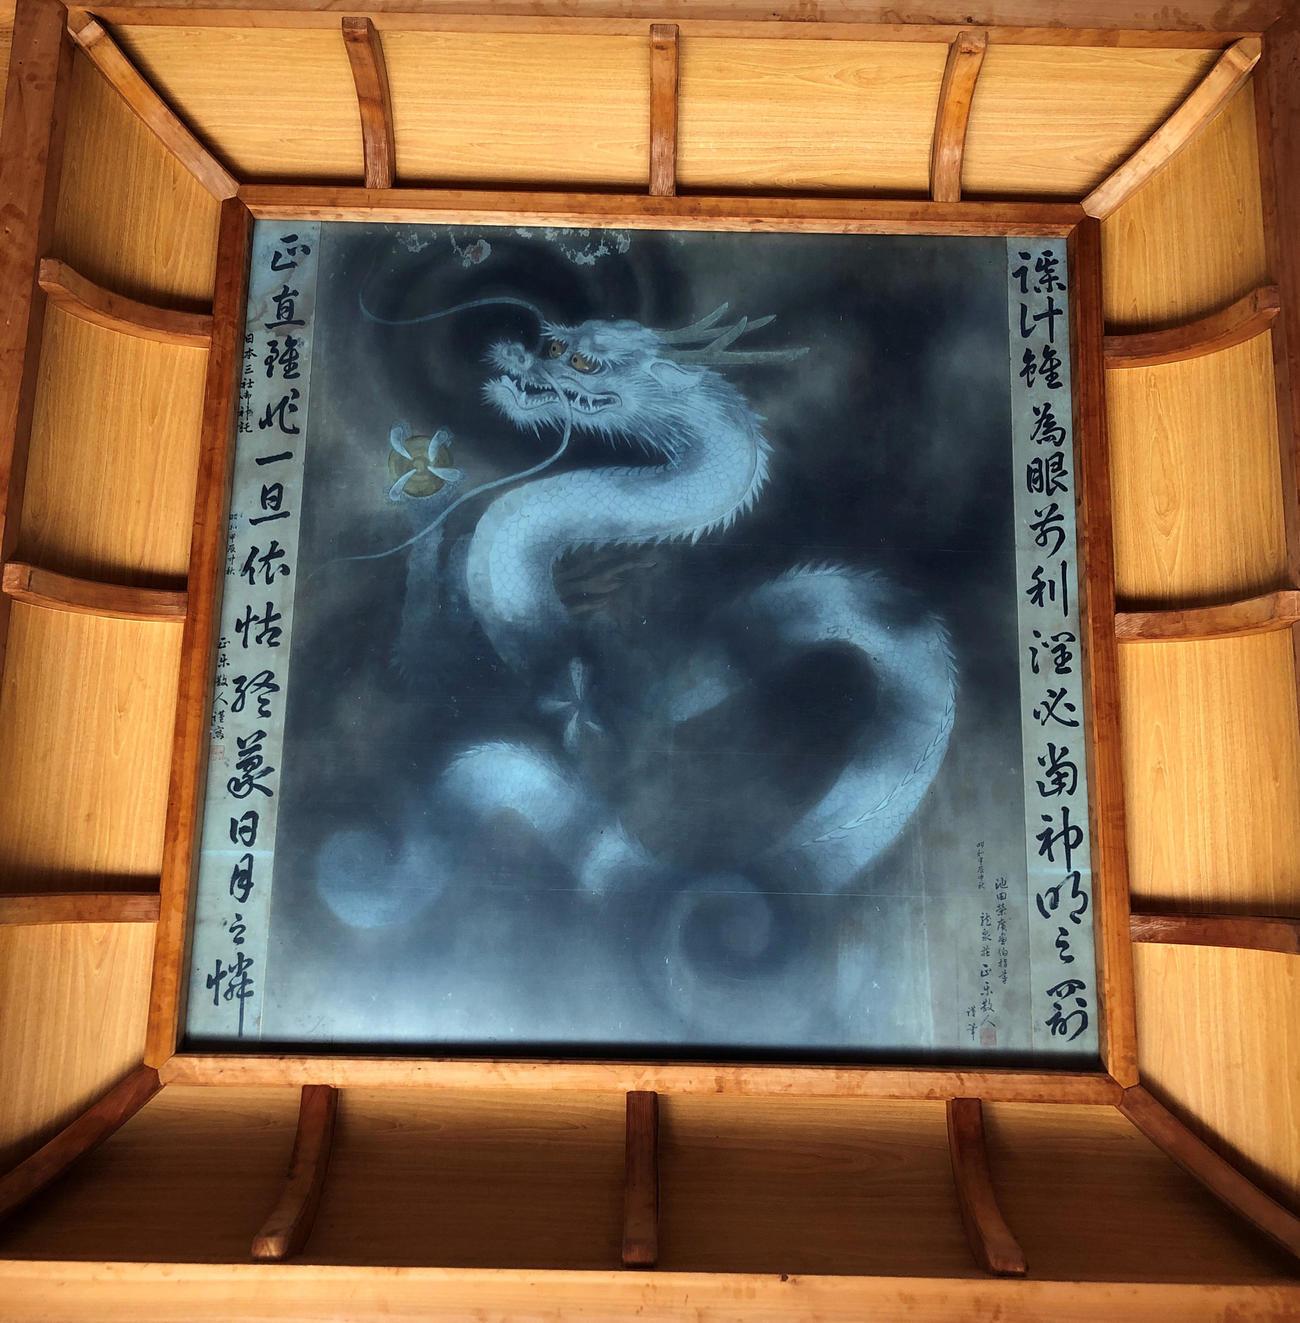 八幡竈門神社の拝殿の天井には、鬼滅の刃の主人公が使う技の背景に出てくる龍に似た龍が描かれている(八幡竈門神社提供)